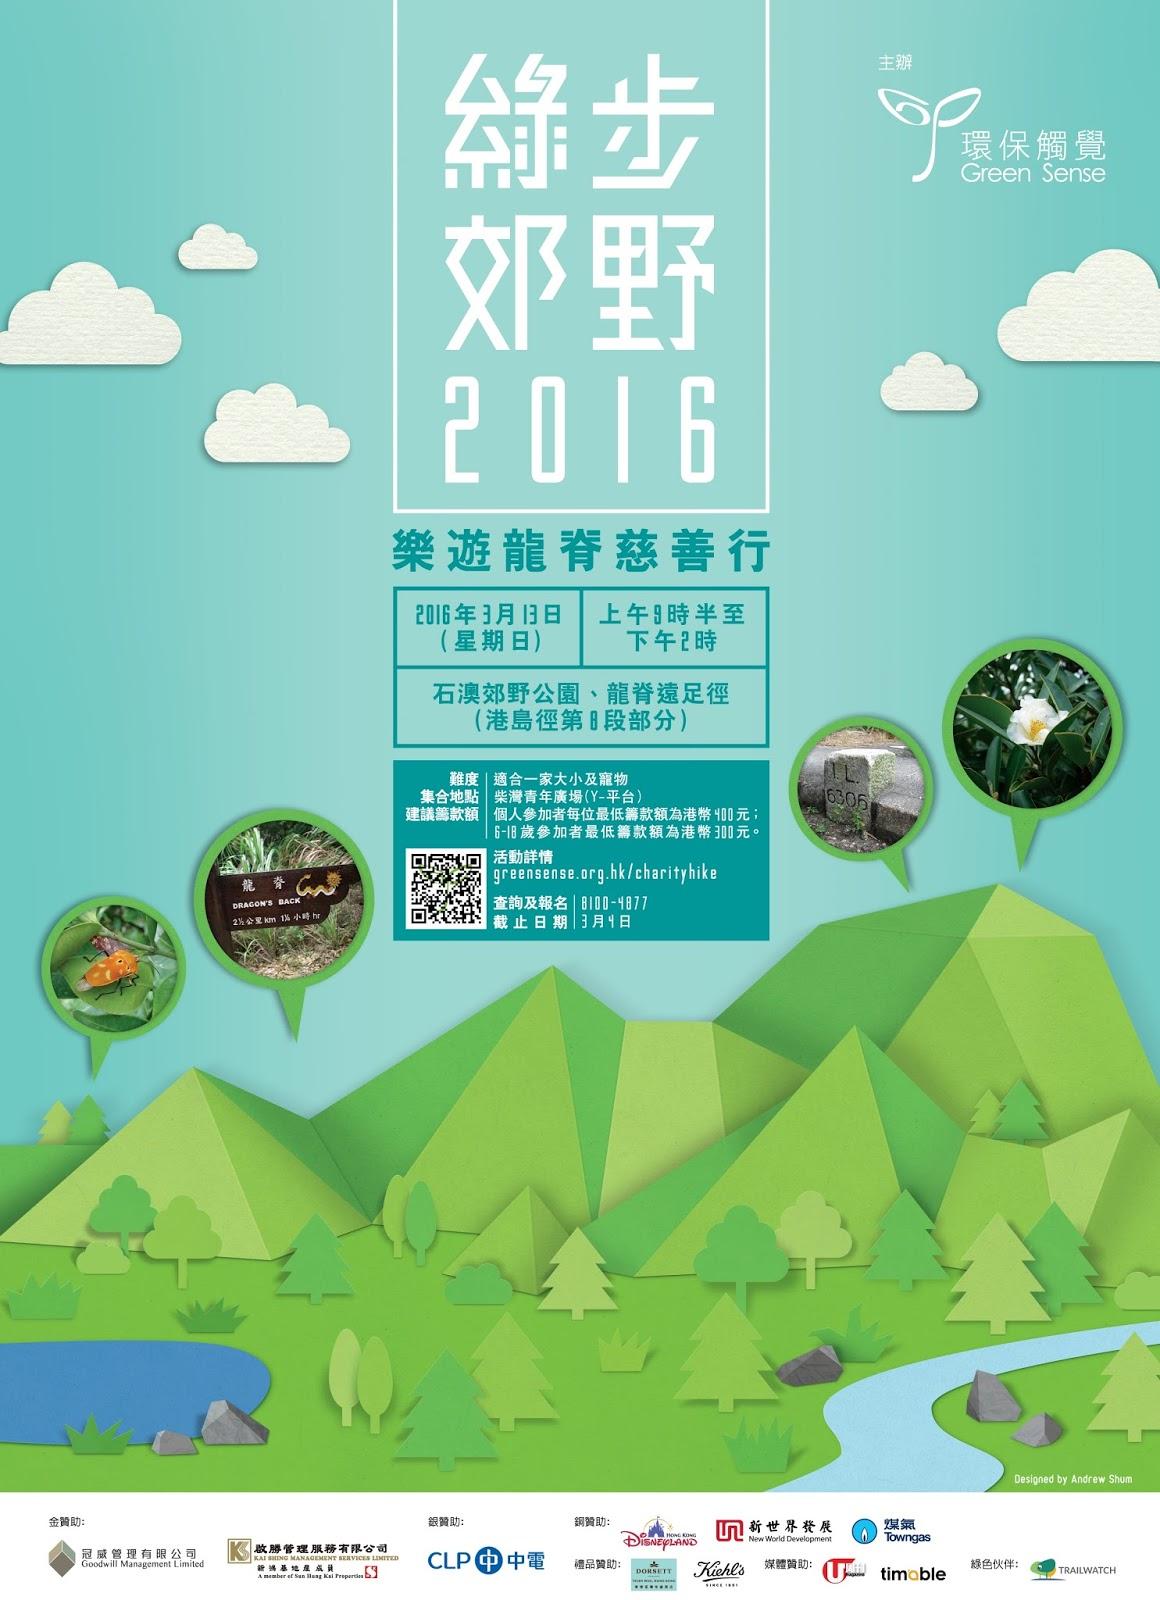 過往活動:一年一度環保觸覺「綠步郊野」2016 Green Sense Charity Hike